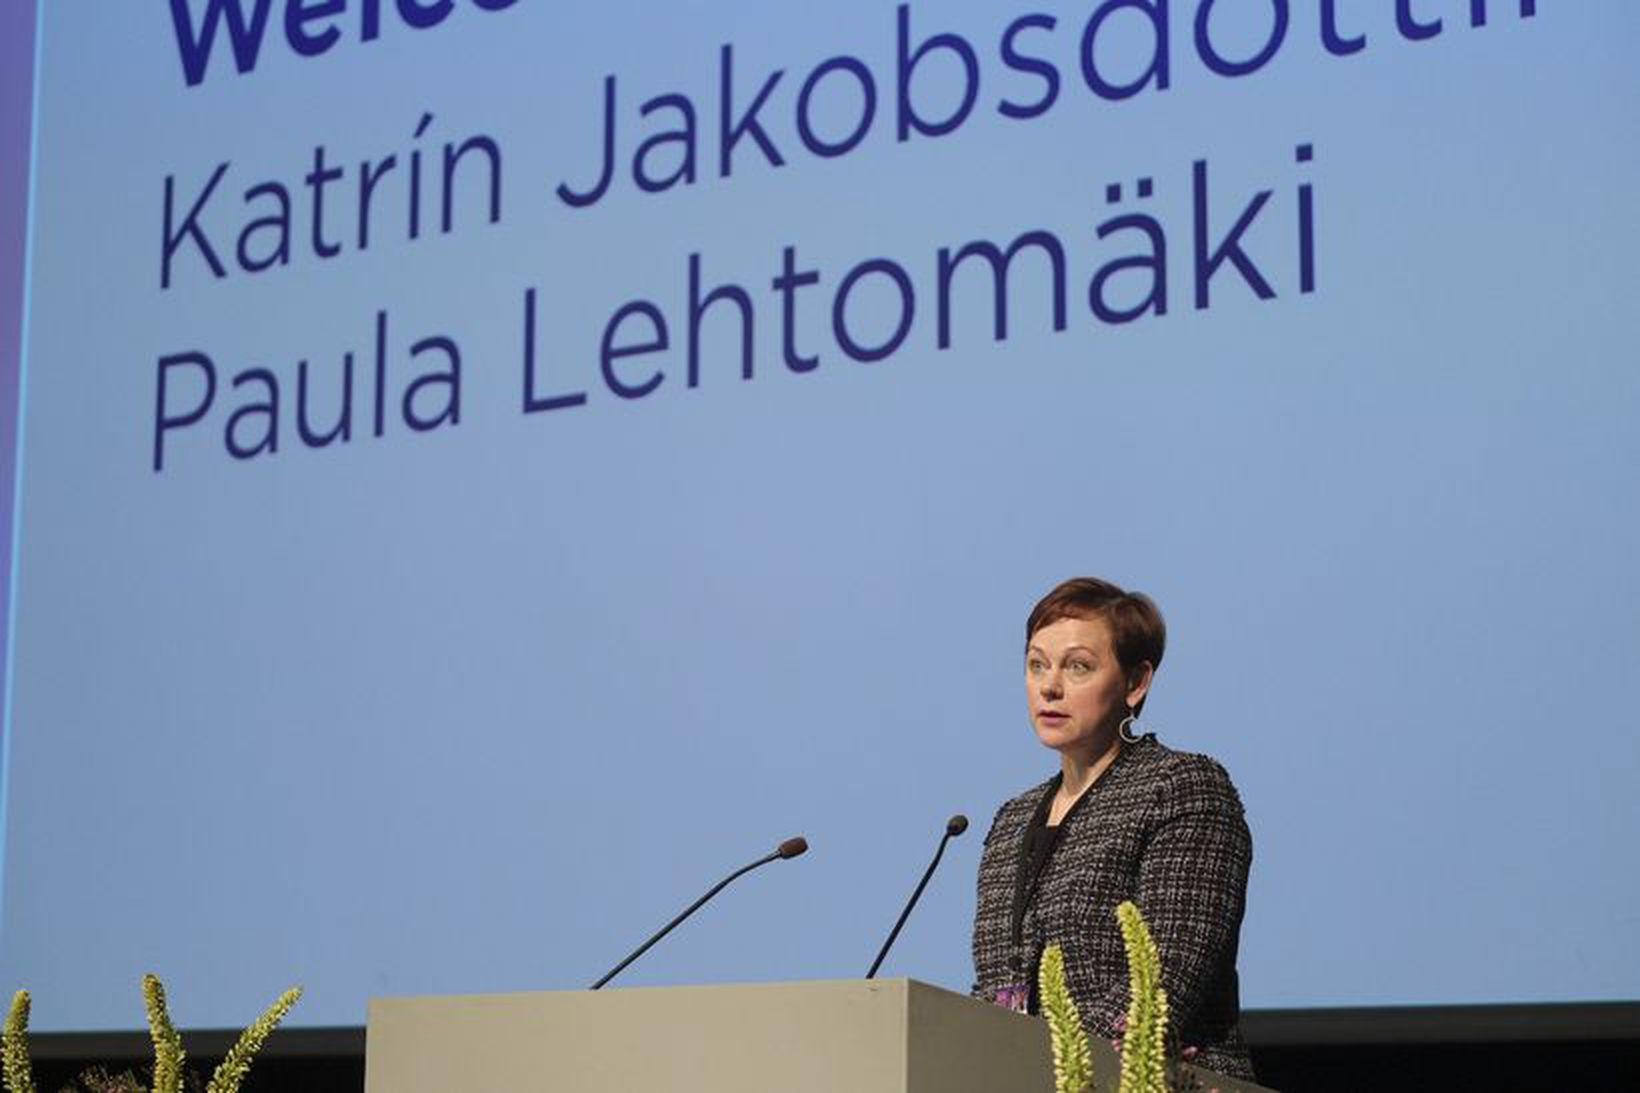 Paula Lethomäki, framkvæmdastjóri Norrænu ráðherranefndarinnar, flutti ávarp í Hörpu í …